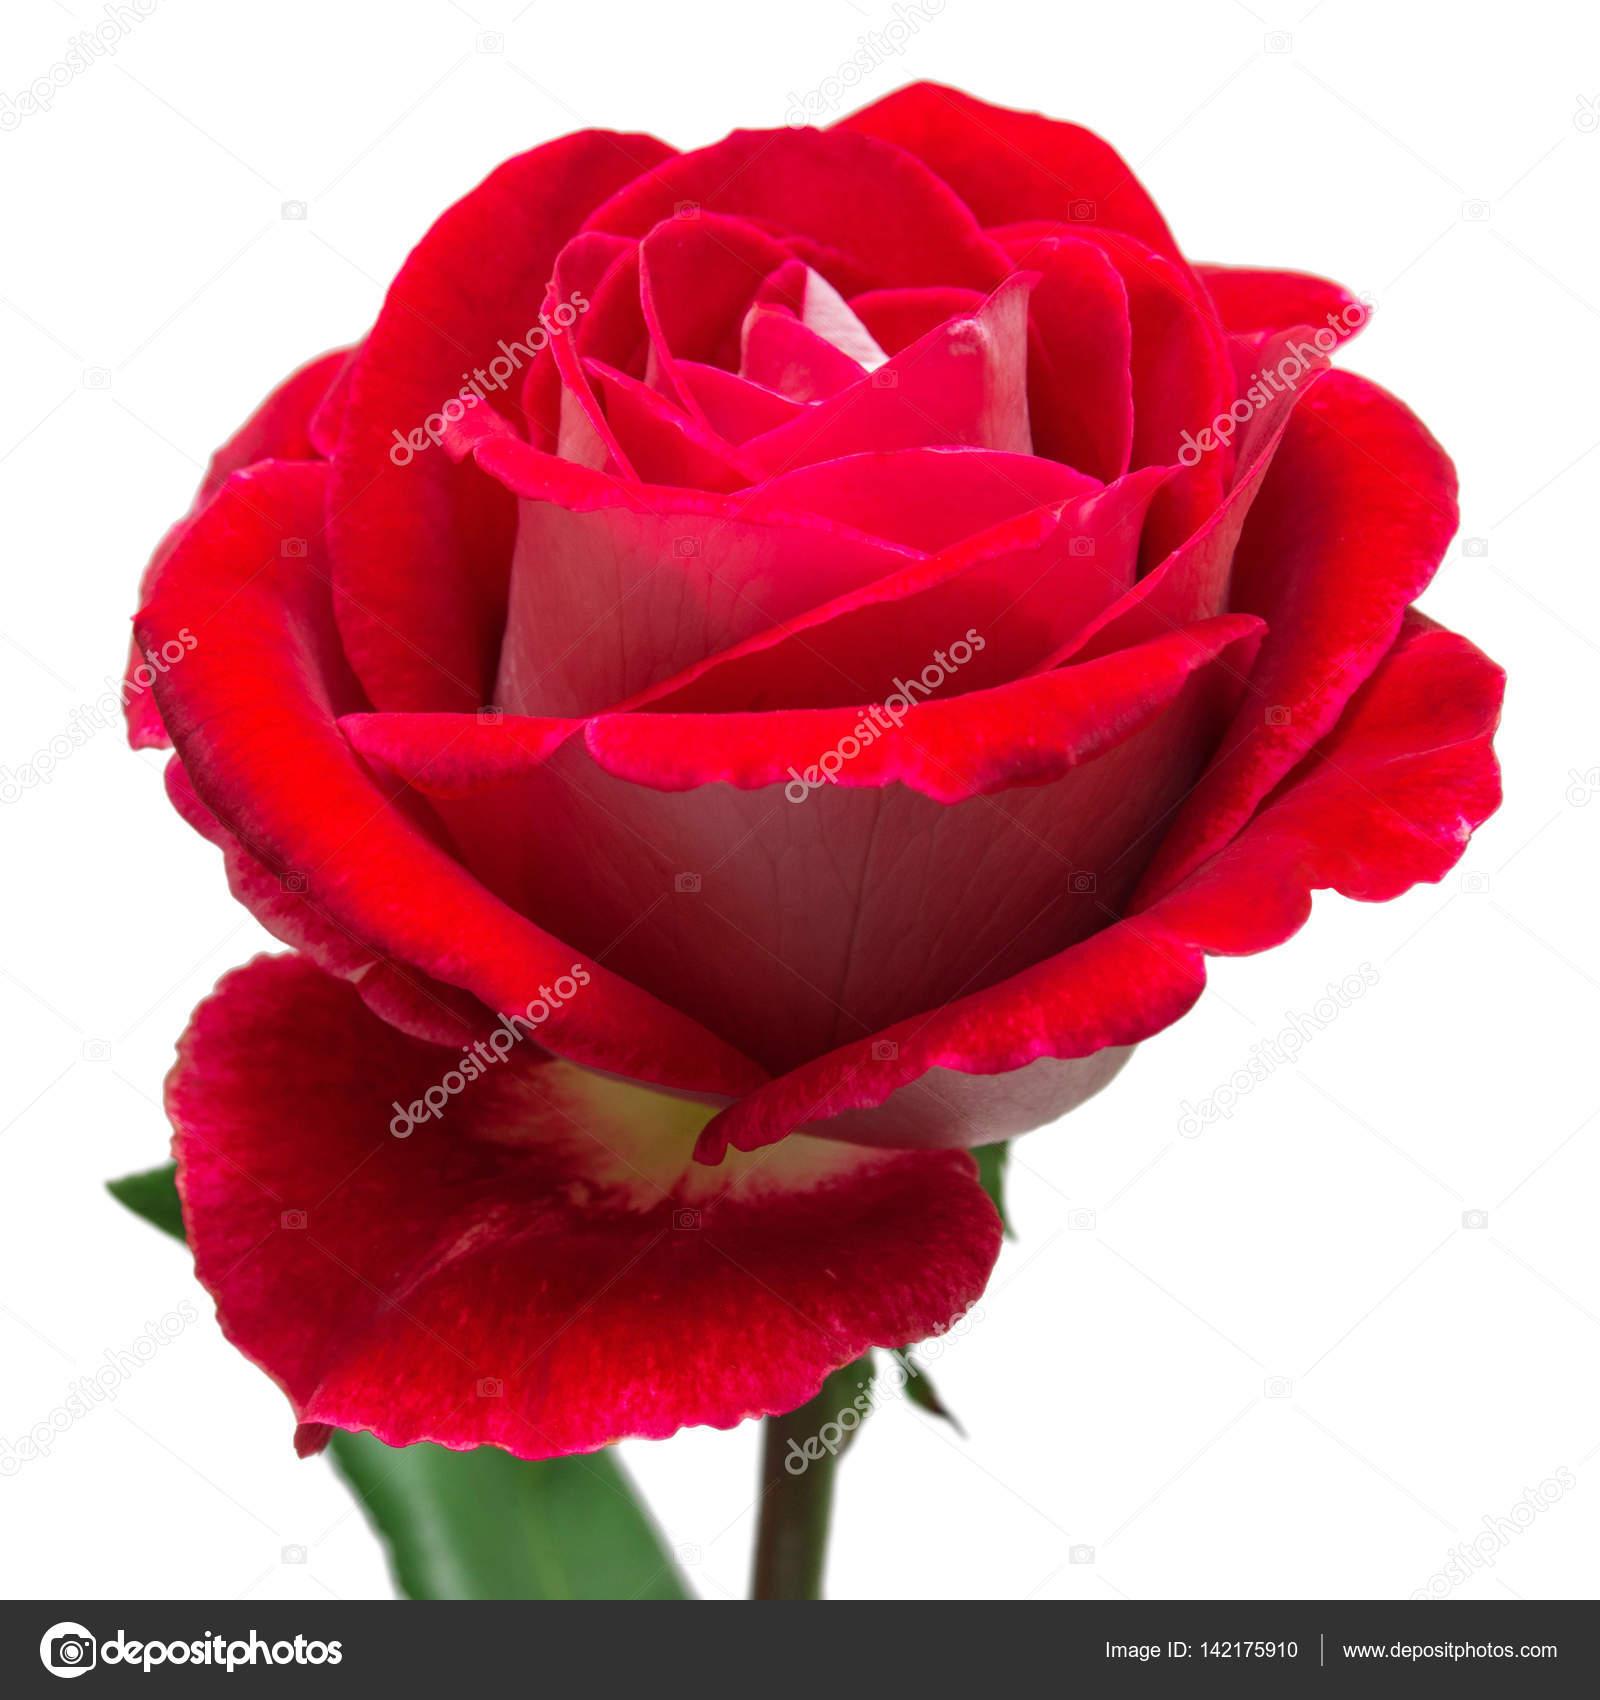 Rosa Vermelha no Elo7 | Arte Quadro (957BC6)  |Rosa Flor Vermelha